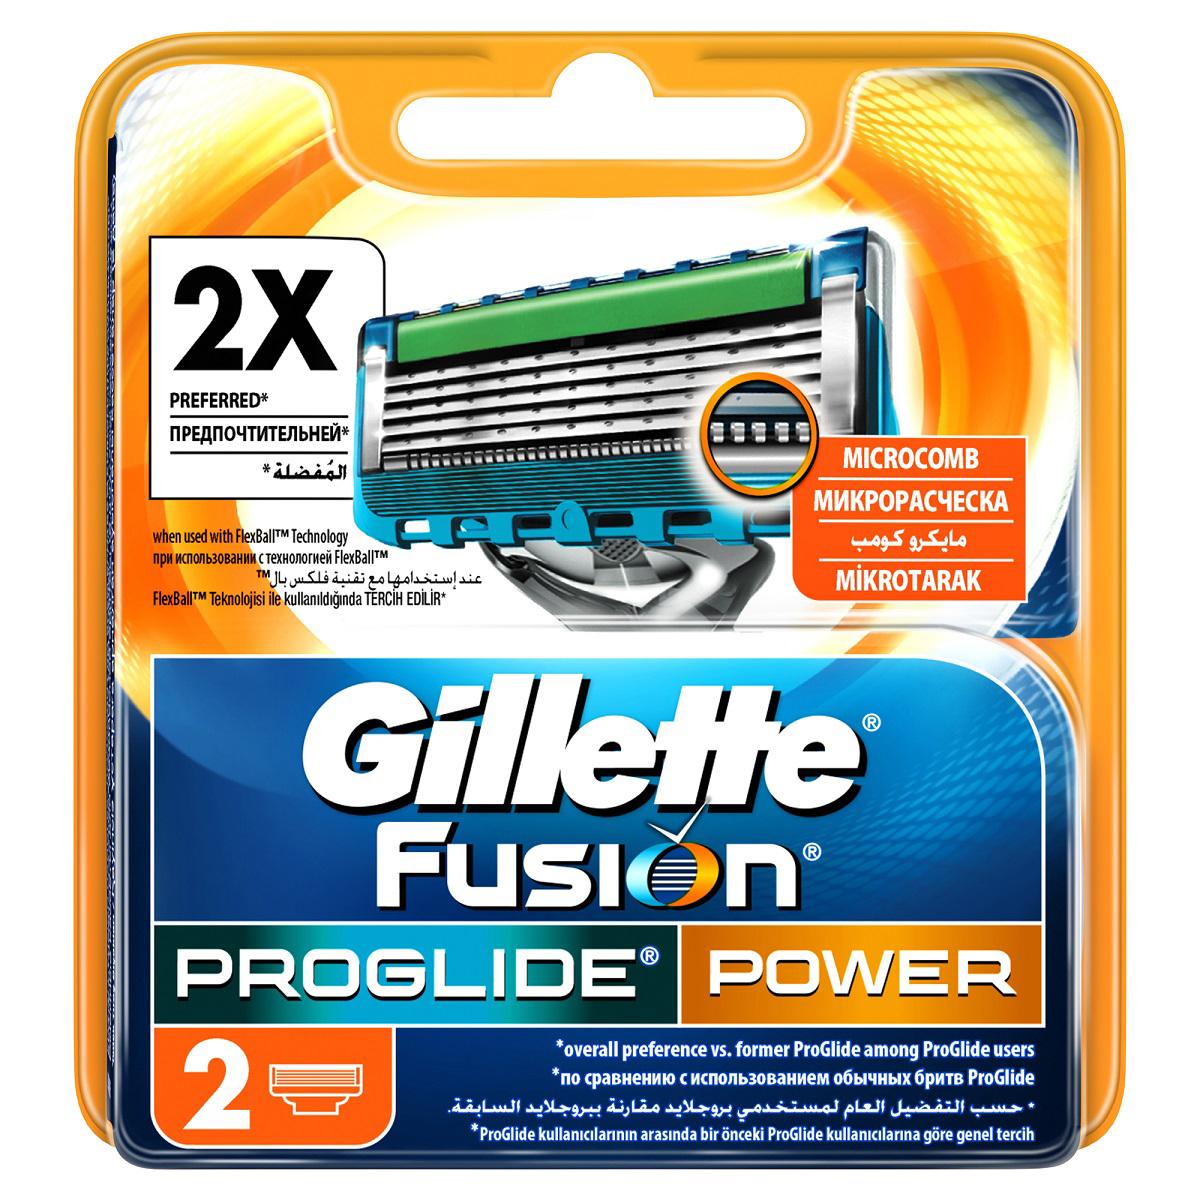 Gillette Сменные кассеты для бритья Fusion ProGlide Power, 2 шт.GIL-81469896Продукты Fusion ProGlide — лучшее бритье от Gillette! Используйте вместе со средствами для бритья Gillette Fusion ProGlide с формулой «2-в-1» (гель для бритья + уход за кожей) для достижения наилучшего результата. Характеристики продукта: - Самые тонкие лезвия Gillette для революционного скольжения и гладкости бритья (первые четыре лезвия по сравнению с Fusion). - Кассета с пятью лезвиями обеспечивает меньшее давление на кожу, уменьшая раздражение (по сравнению с Mach3). - Увеличенная смазывающая полоска с добавлением минеральных масел (по сравнению с Fusion). - Каналы для удаления излишков геля. - Улучшенное лезвие-триммер на обратной стороне кассеты (по сравнению с Fusion). - Стабилизатор лезвий. - Микрорасческа направляет волоски точно к лезвиям. - Подходят к бритвам Gillette Fusion ProGlide с технологией FlexBall (включая версию Power). Gillette. Лучше для мужчины нет.